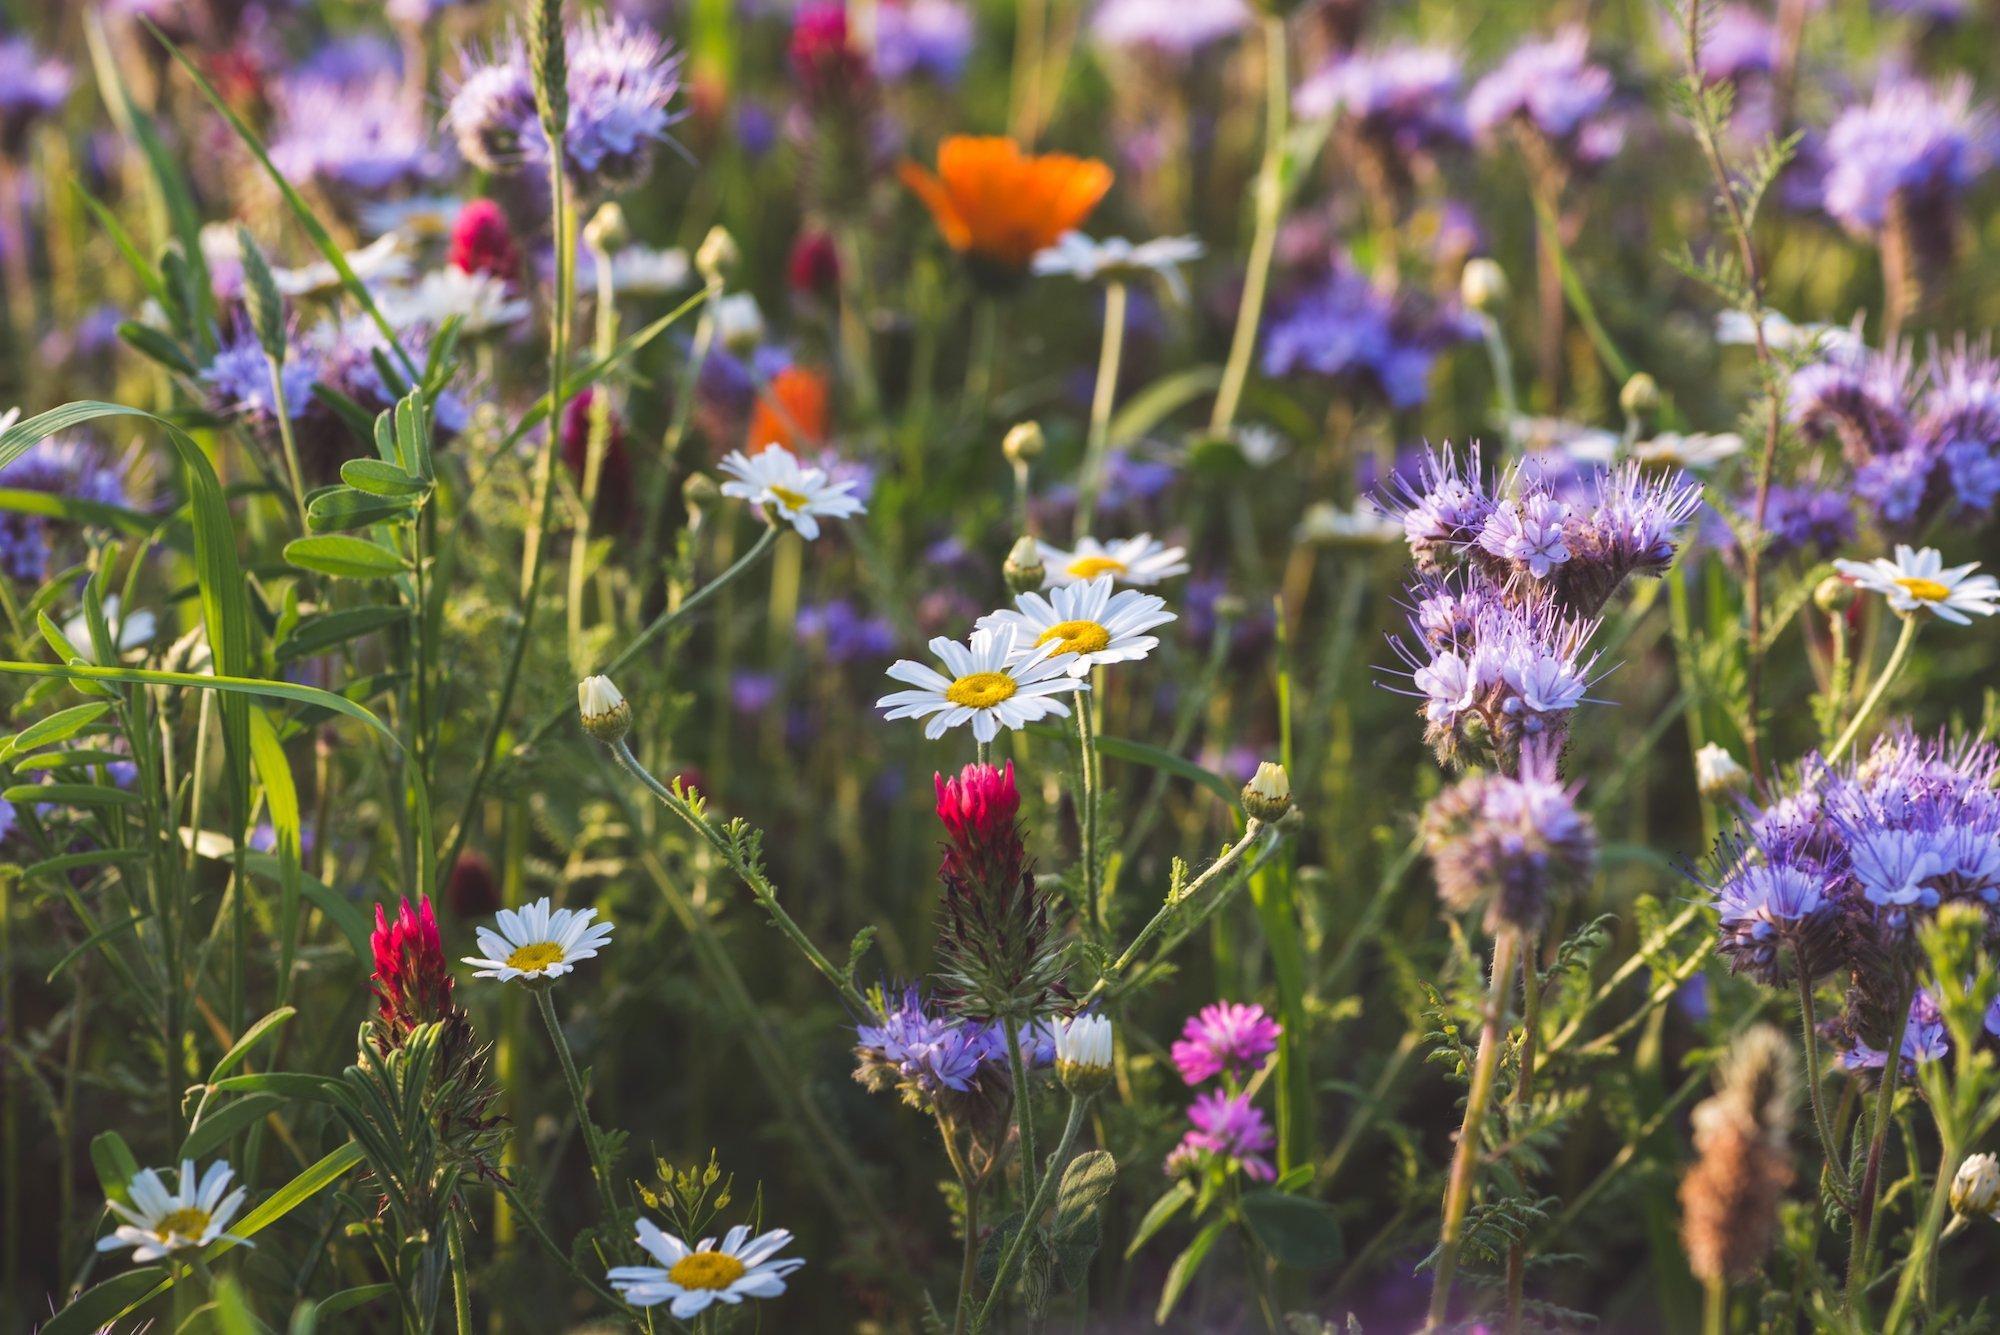 Das Bild zeigt eine Blumenwiese in Österreich mit zahlreichen verschiedenen Arten, darunter Margeriten und Ringelblumen.